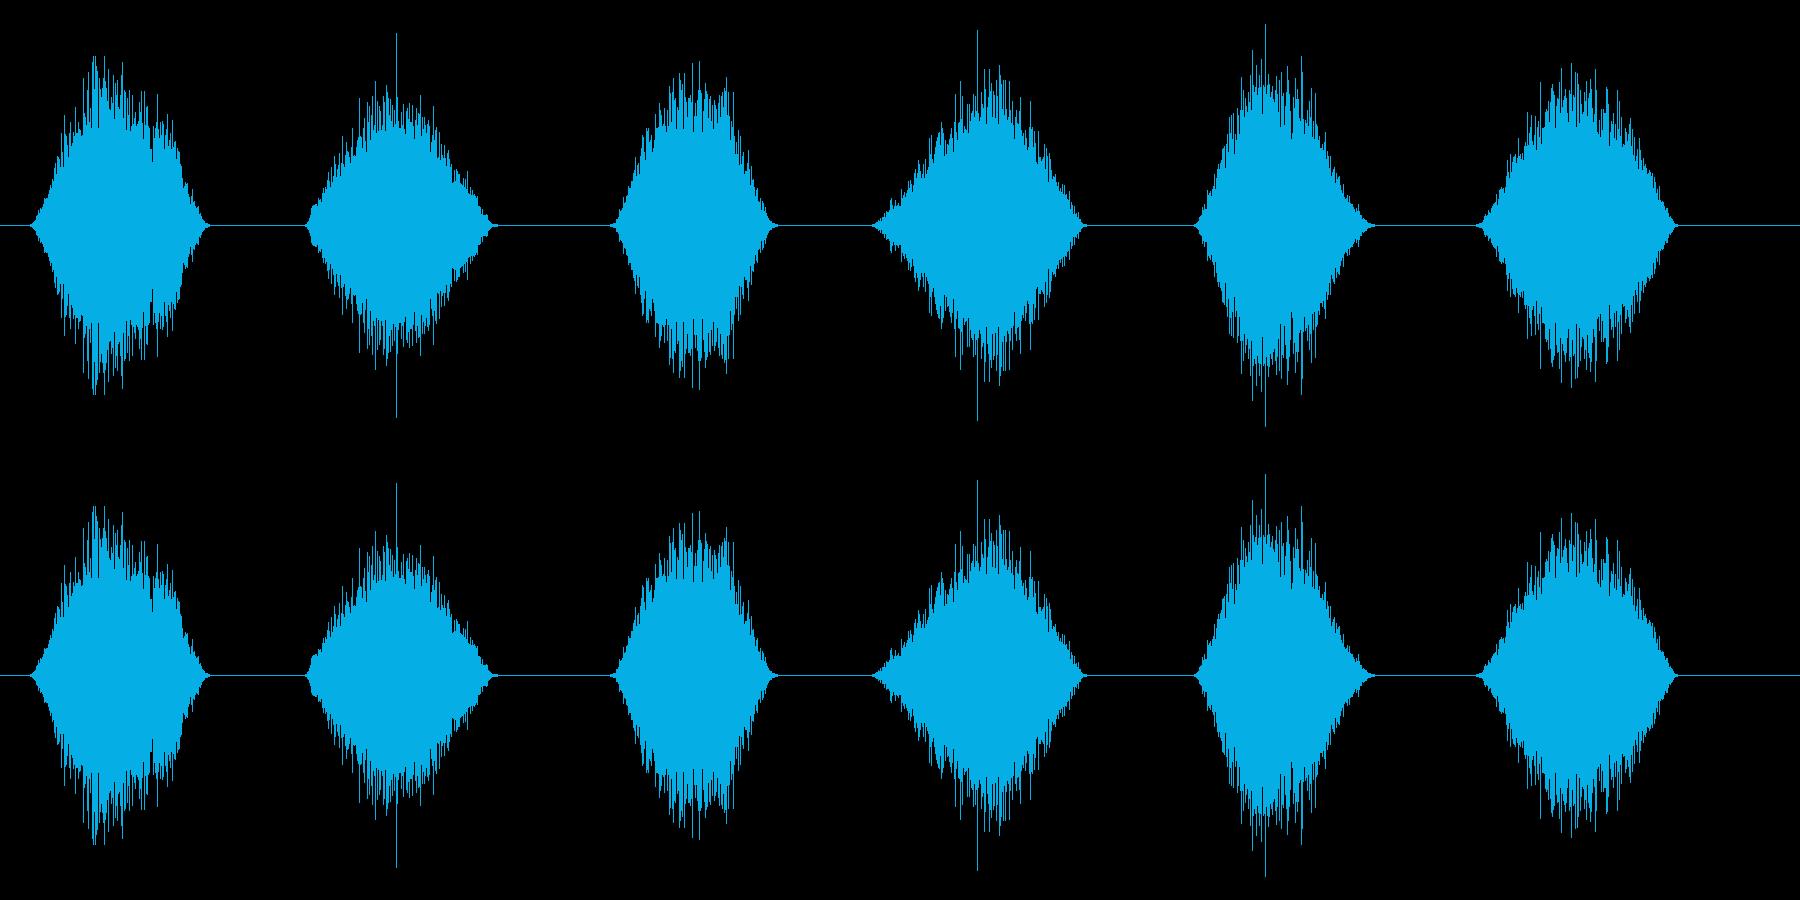 PC マウス ムーブ04-09(ソフト)の再生済みの波形